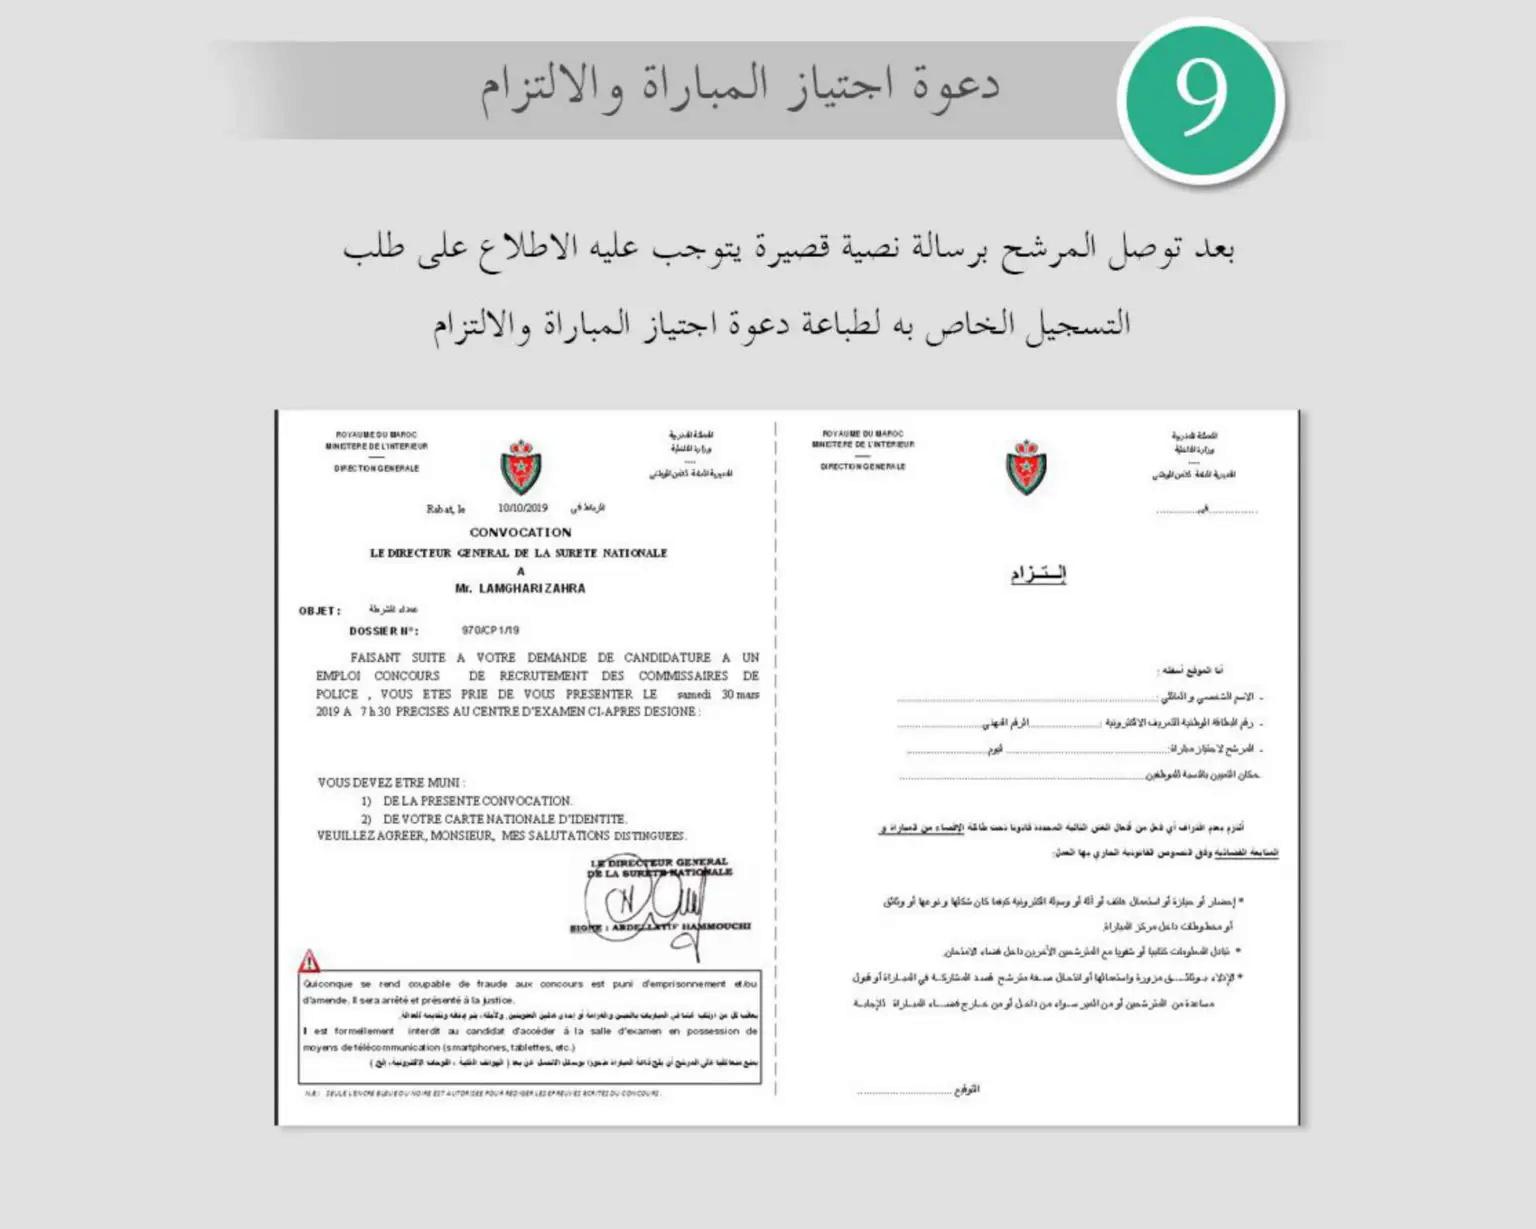 مباريات توظيف 7947 منصب في مختلف اسلاك الشرطة بالمديرية العامة للأمن الوطني اخر اجل للتسجيل 25 نونبر 2020 Conco142